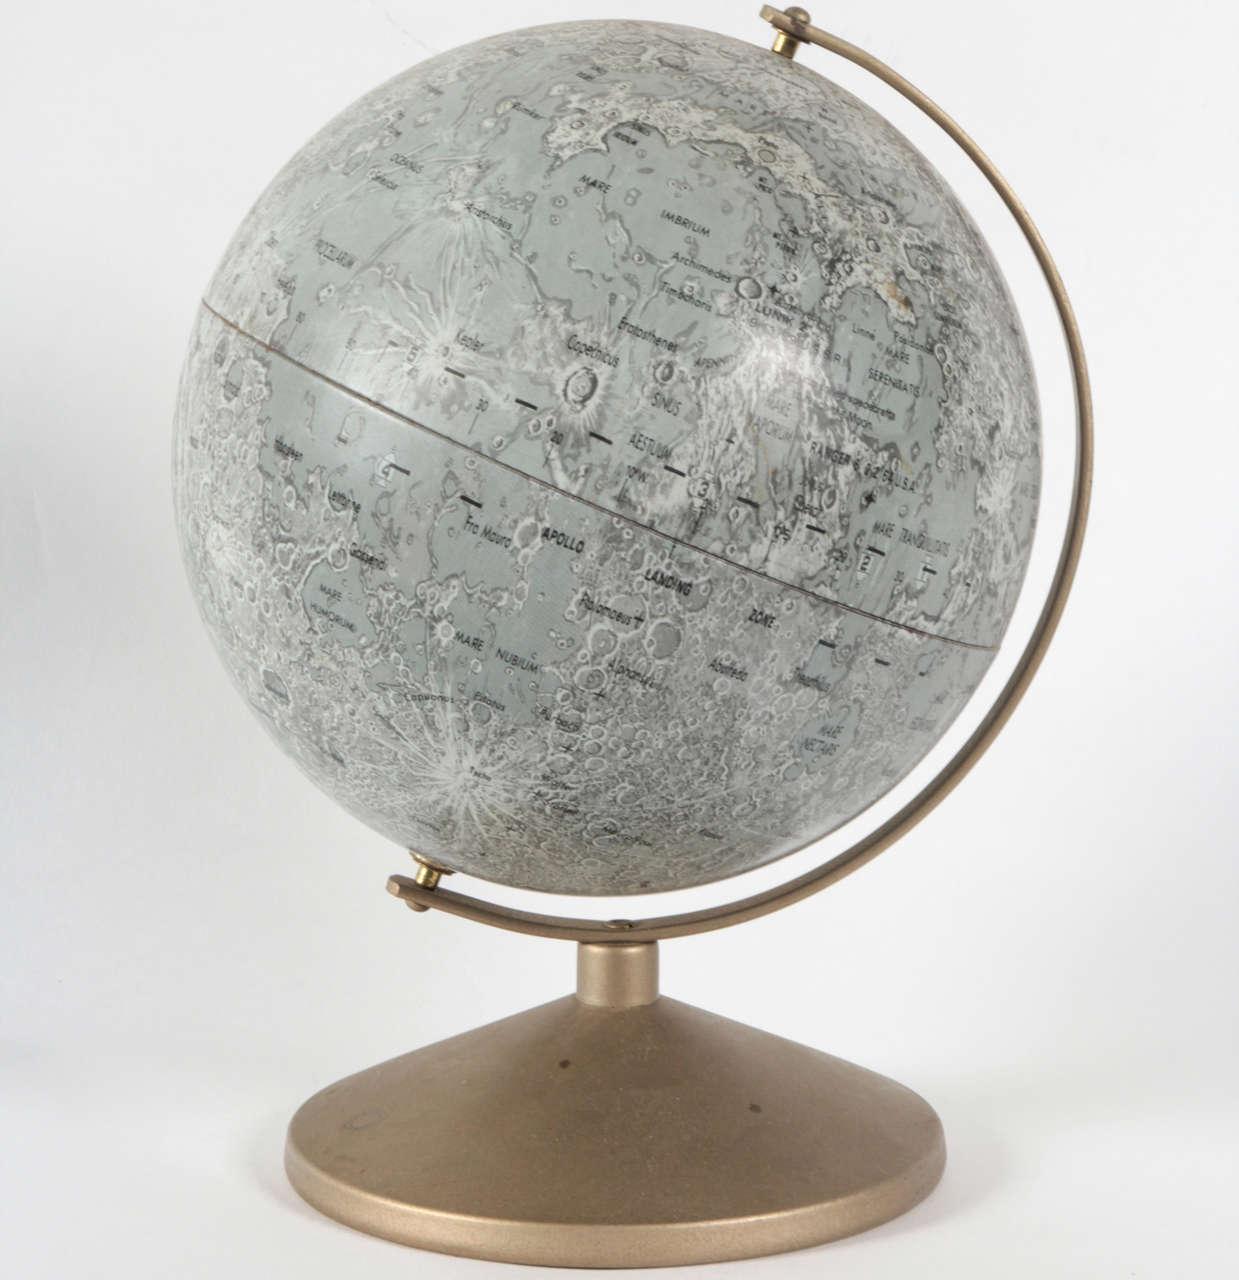 Moon Globe by Reploglobe 2